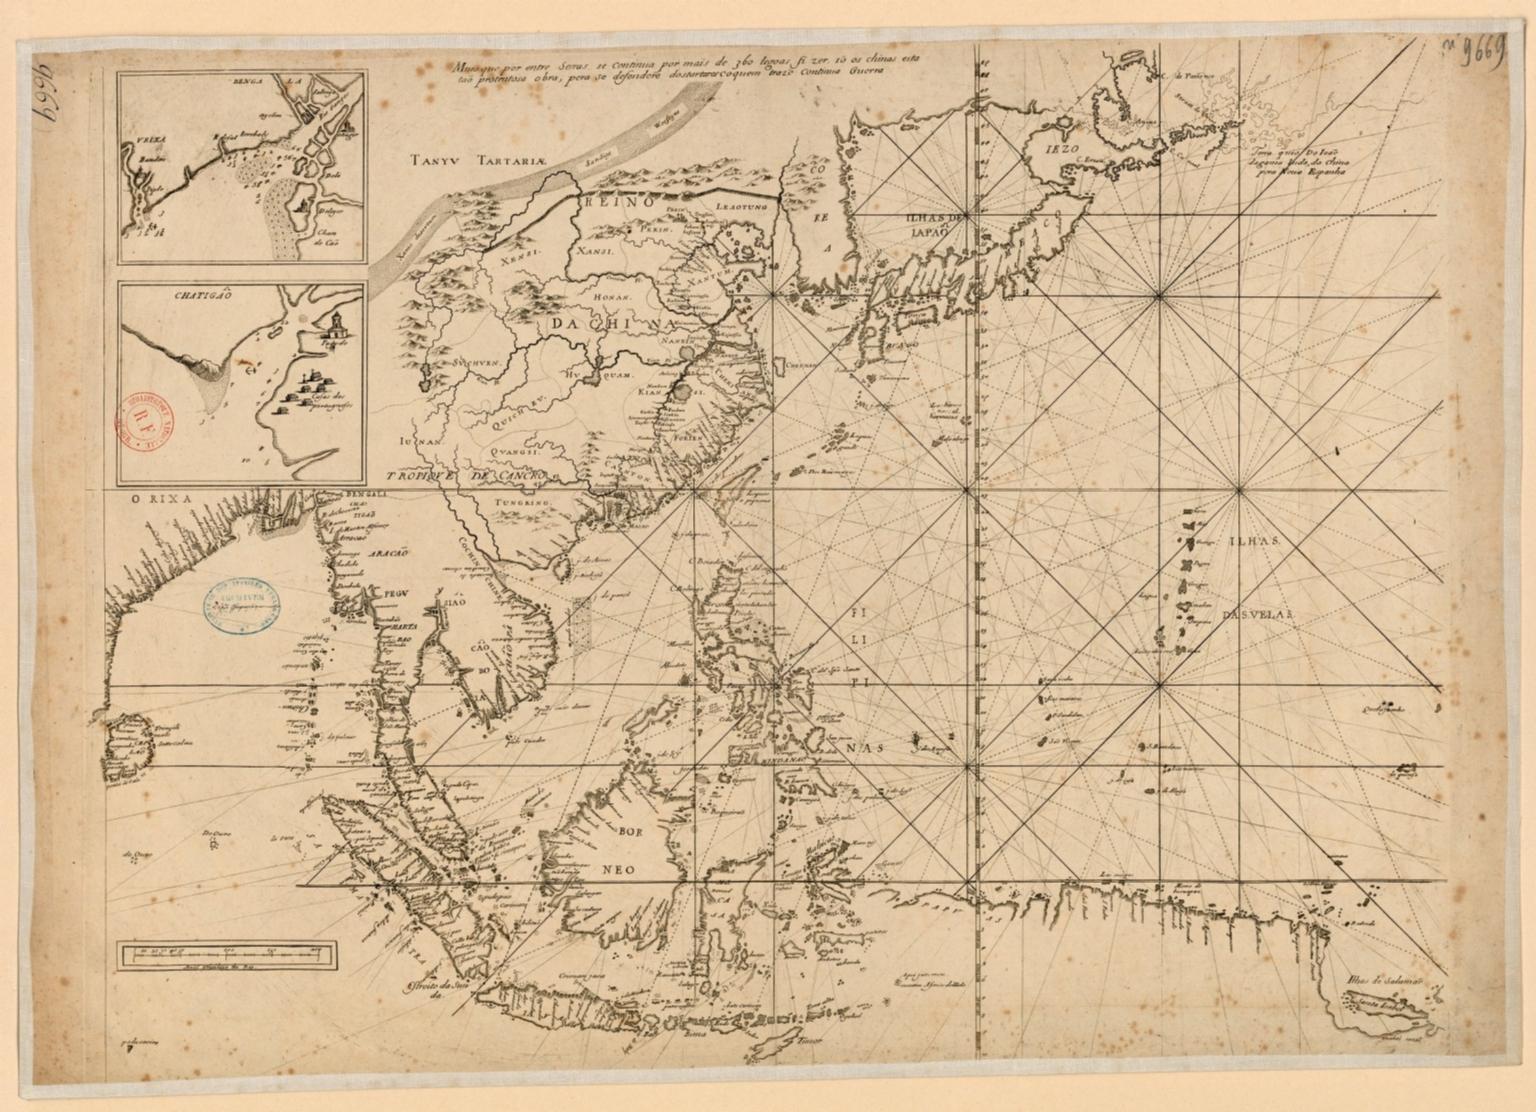 Carte portugaise de la mer qui comprend le Golfe du bengale, les côtes de la Chine et les îles du Japon, Philippines, de la Sonde et Moluques